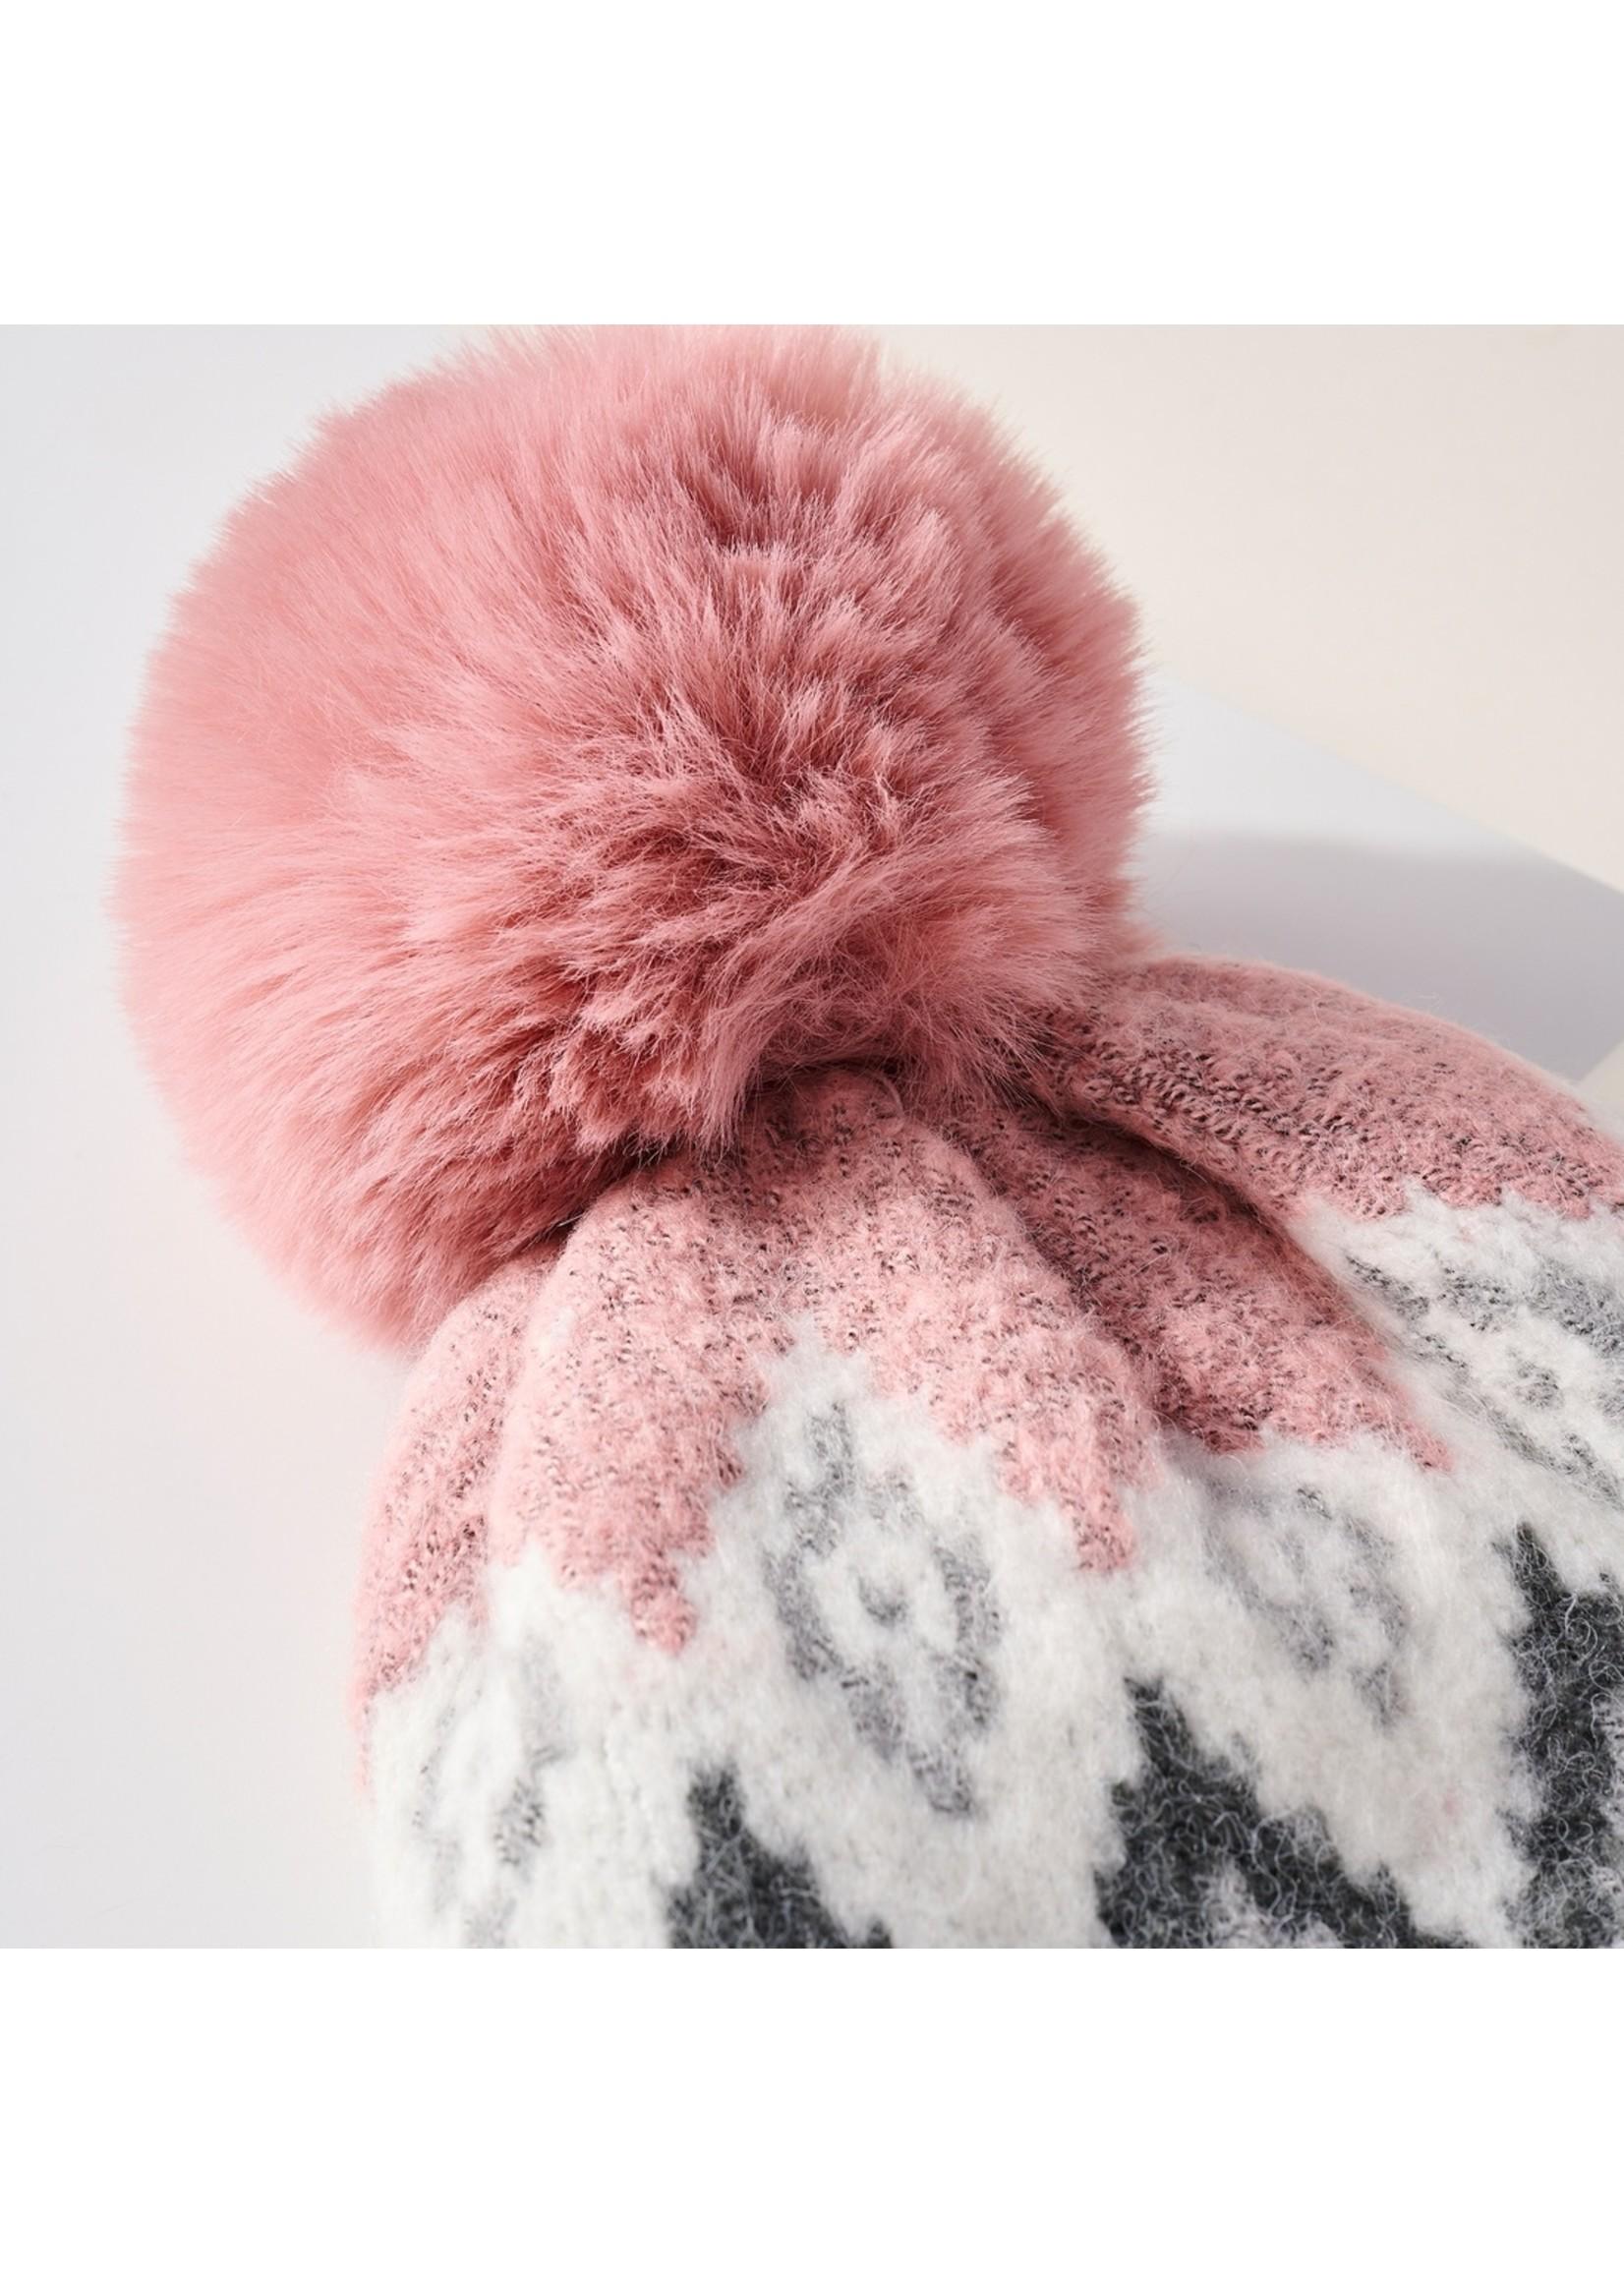 Avenue Zoe Fuzzy Line Pom Pom Beanie - Pink